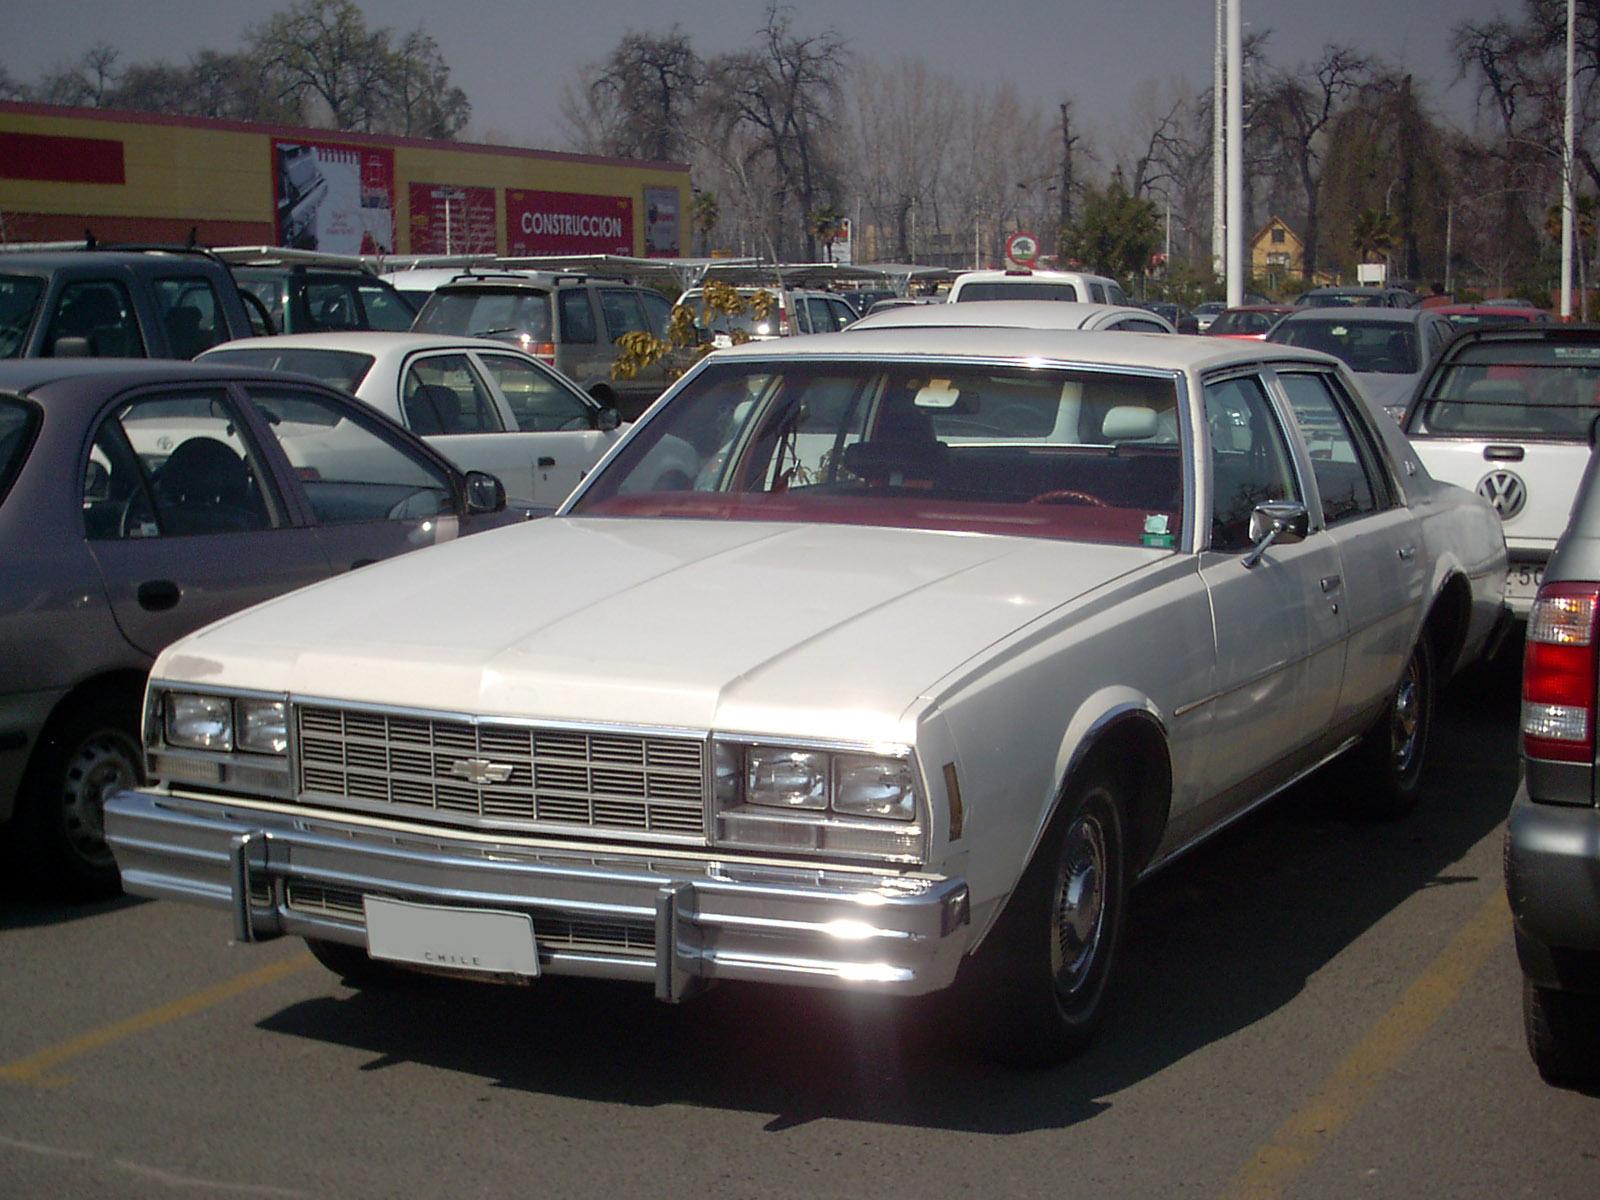 Vehicle - Vehicle - Automobile - Chevrolet - Impala